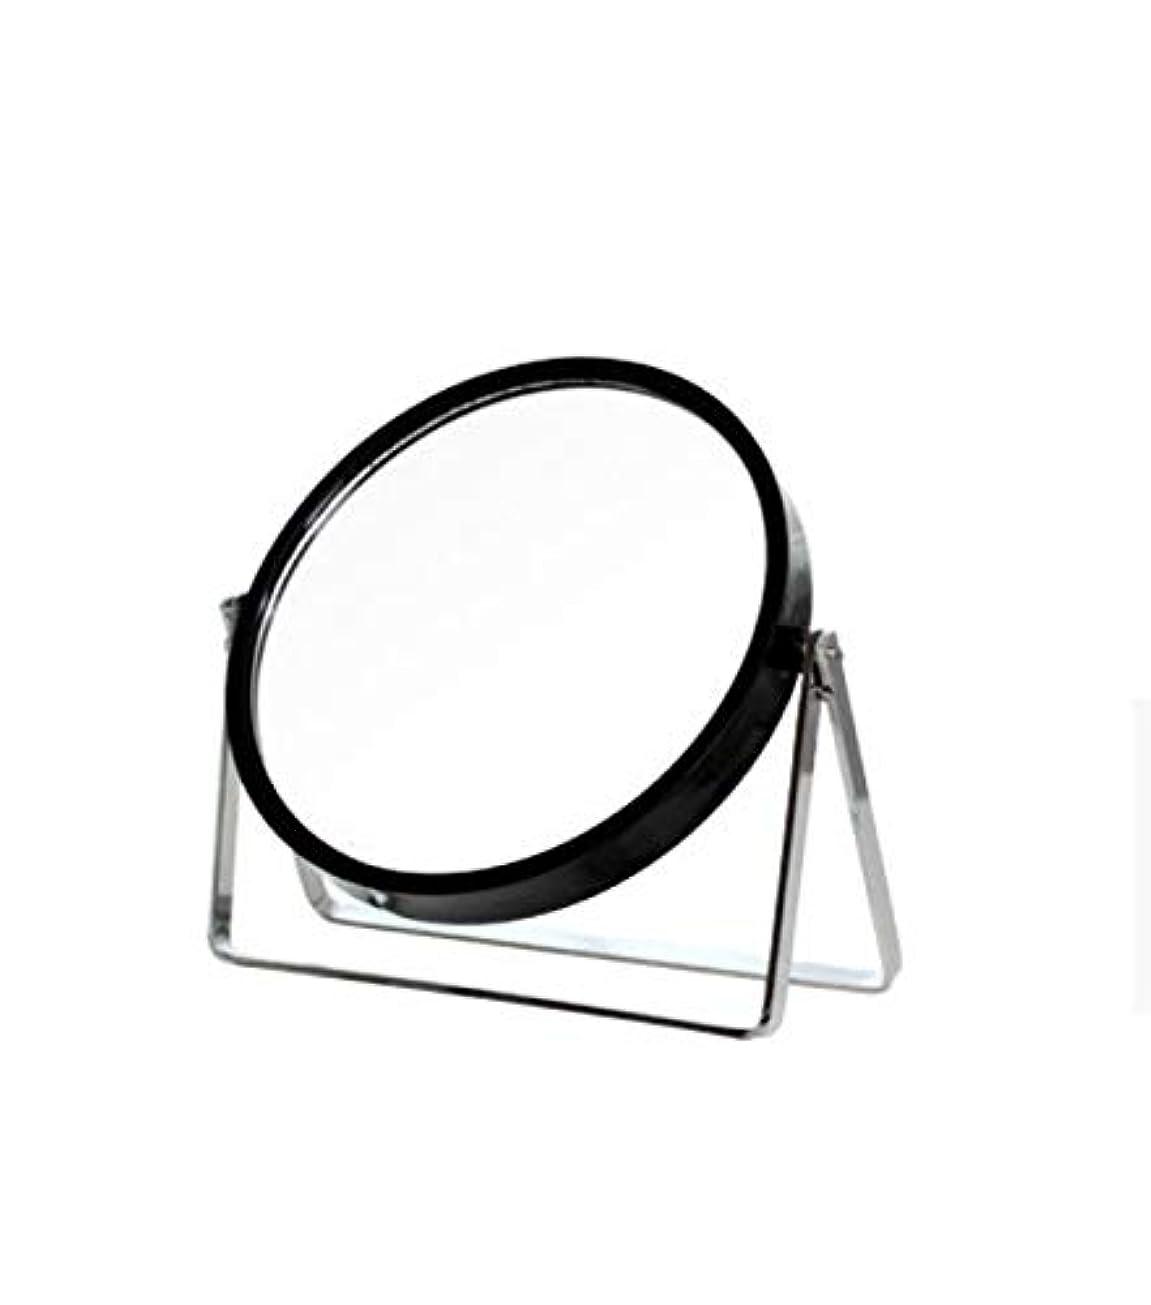 ベアリングステップ診療所化粧鏡、シンプルなラウンドホーム寮デスクトップ化粧鏡化粧ギフト (Color : ブラック)